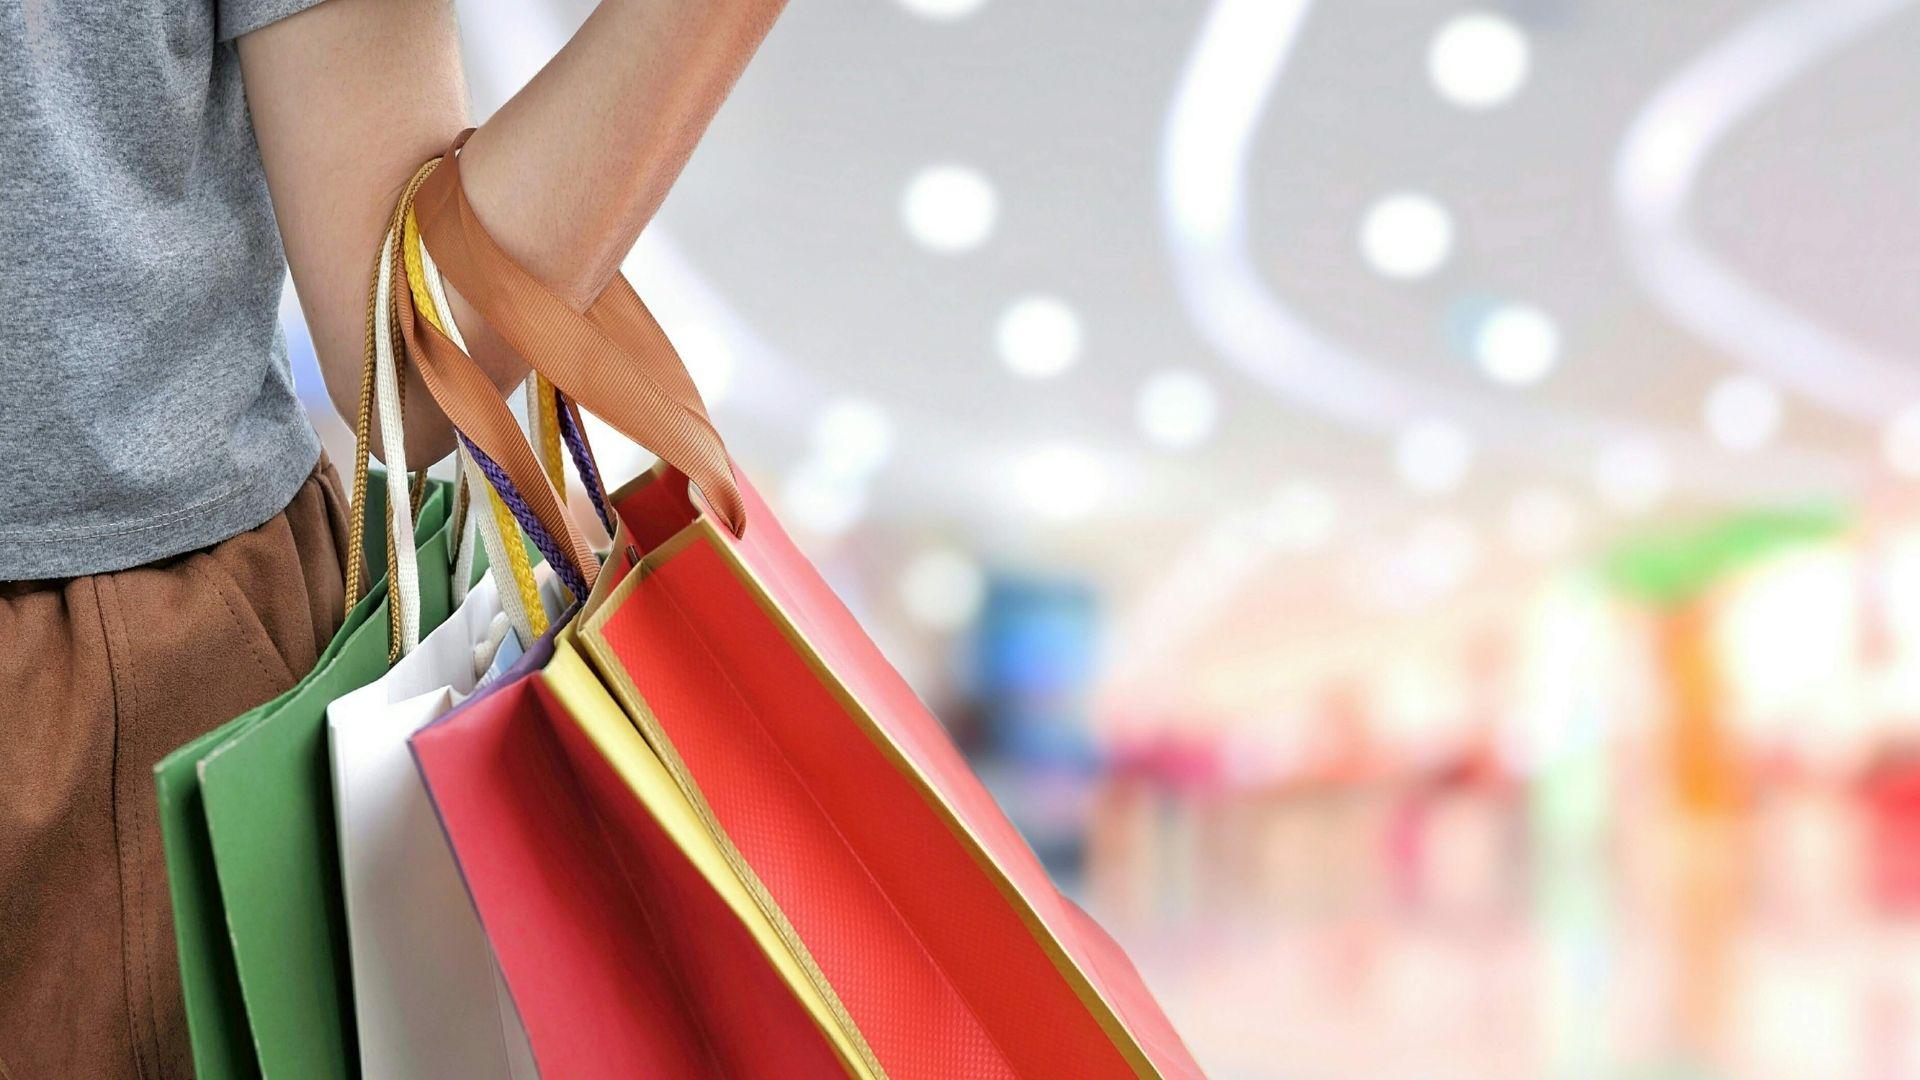 ISC-CX: Female Shopper in Mall